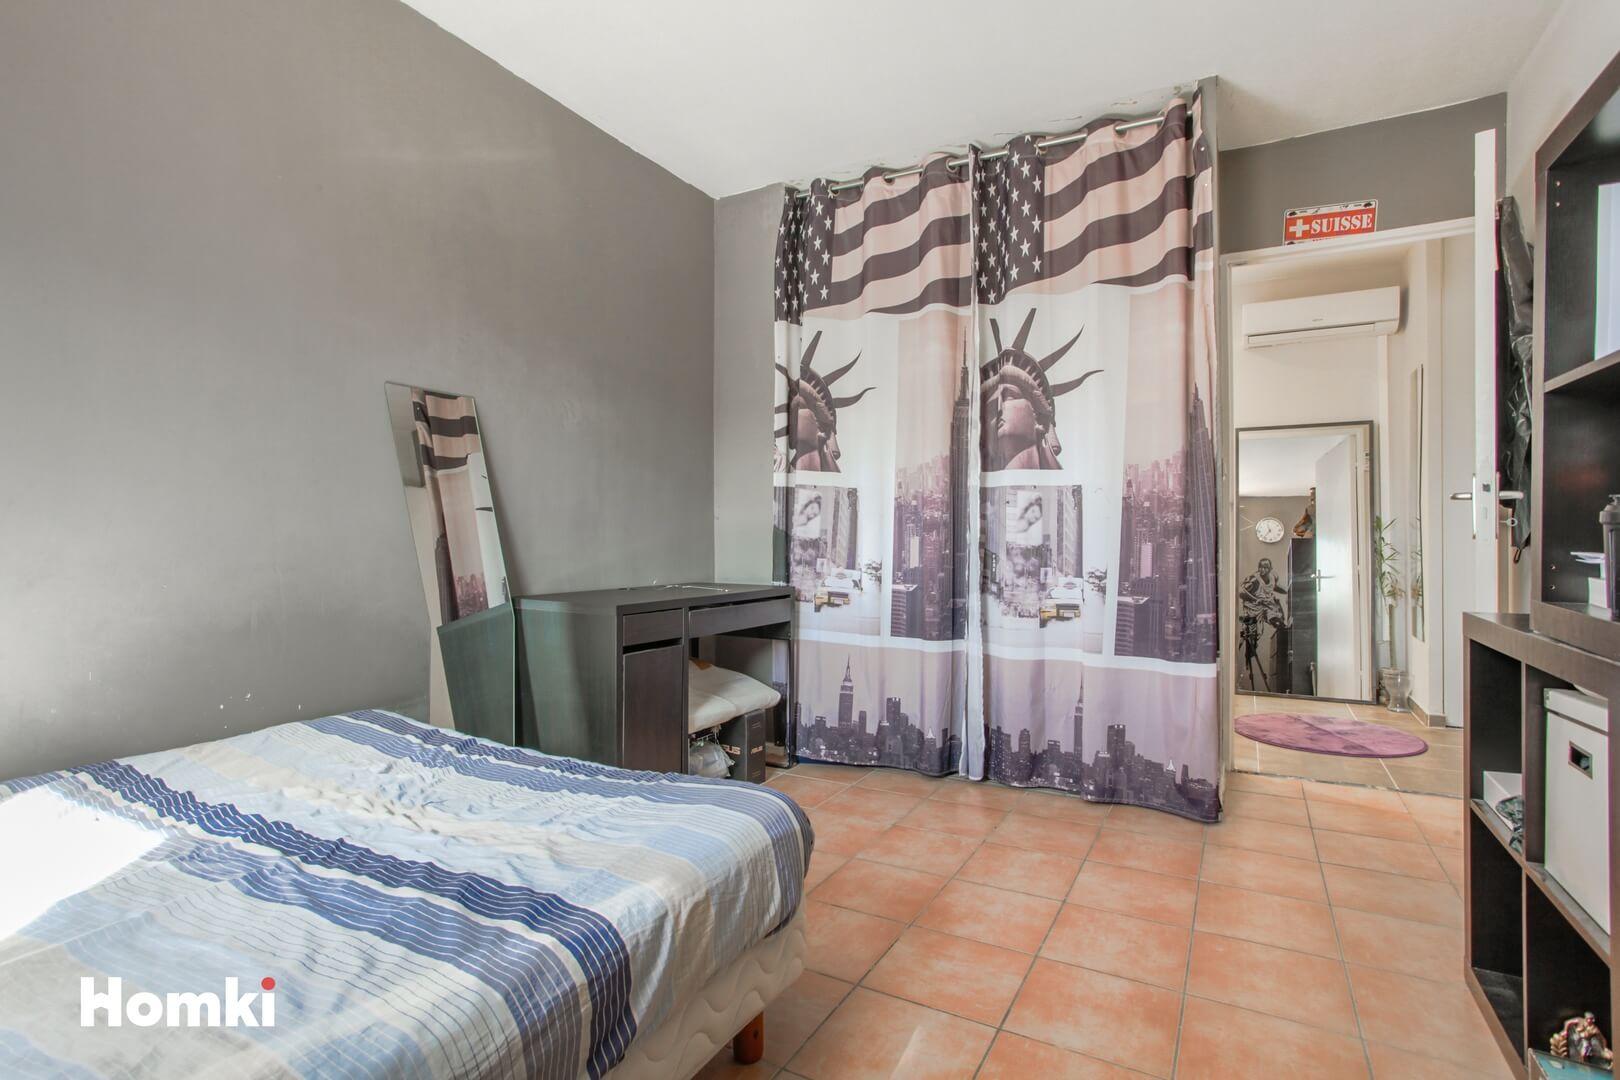 Homki - Vente Maison/villa  de 81.0 m² à Marseille 13014